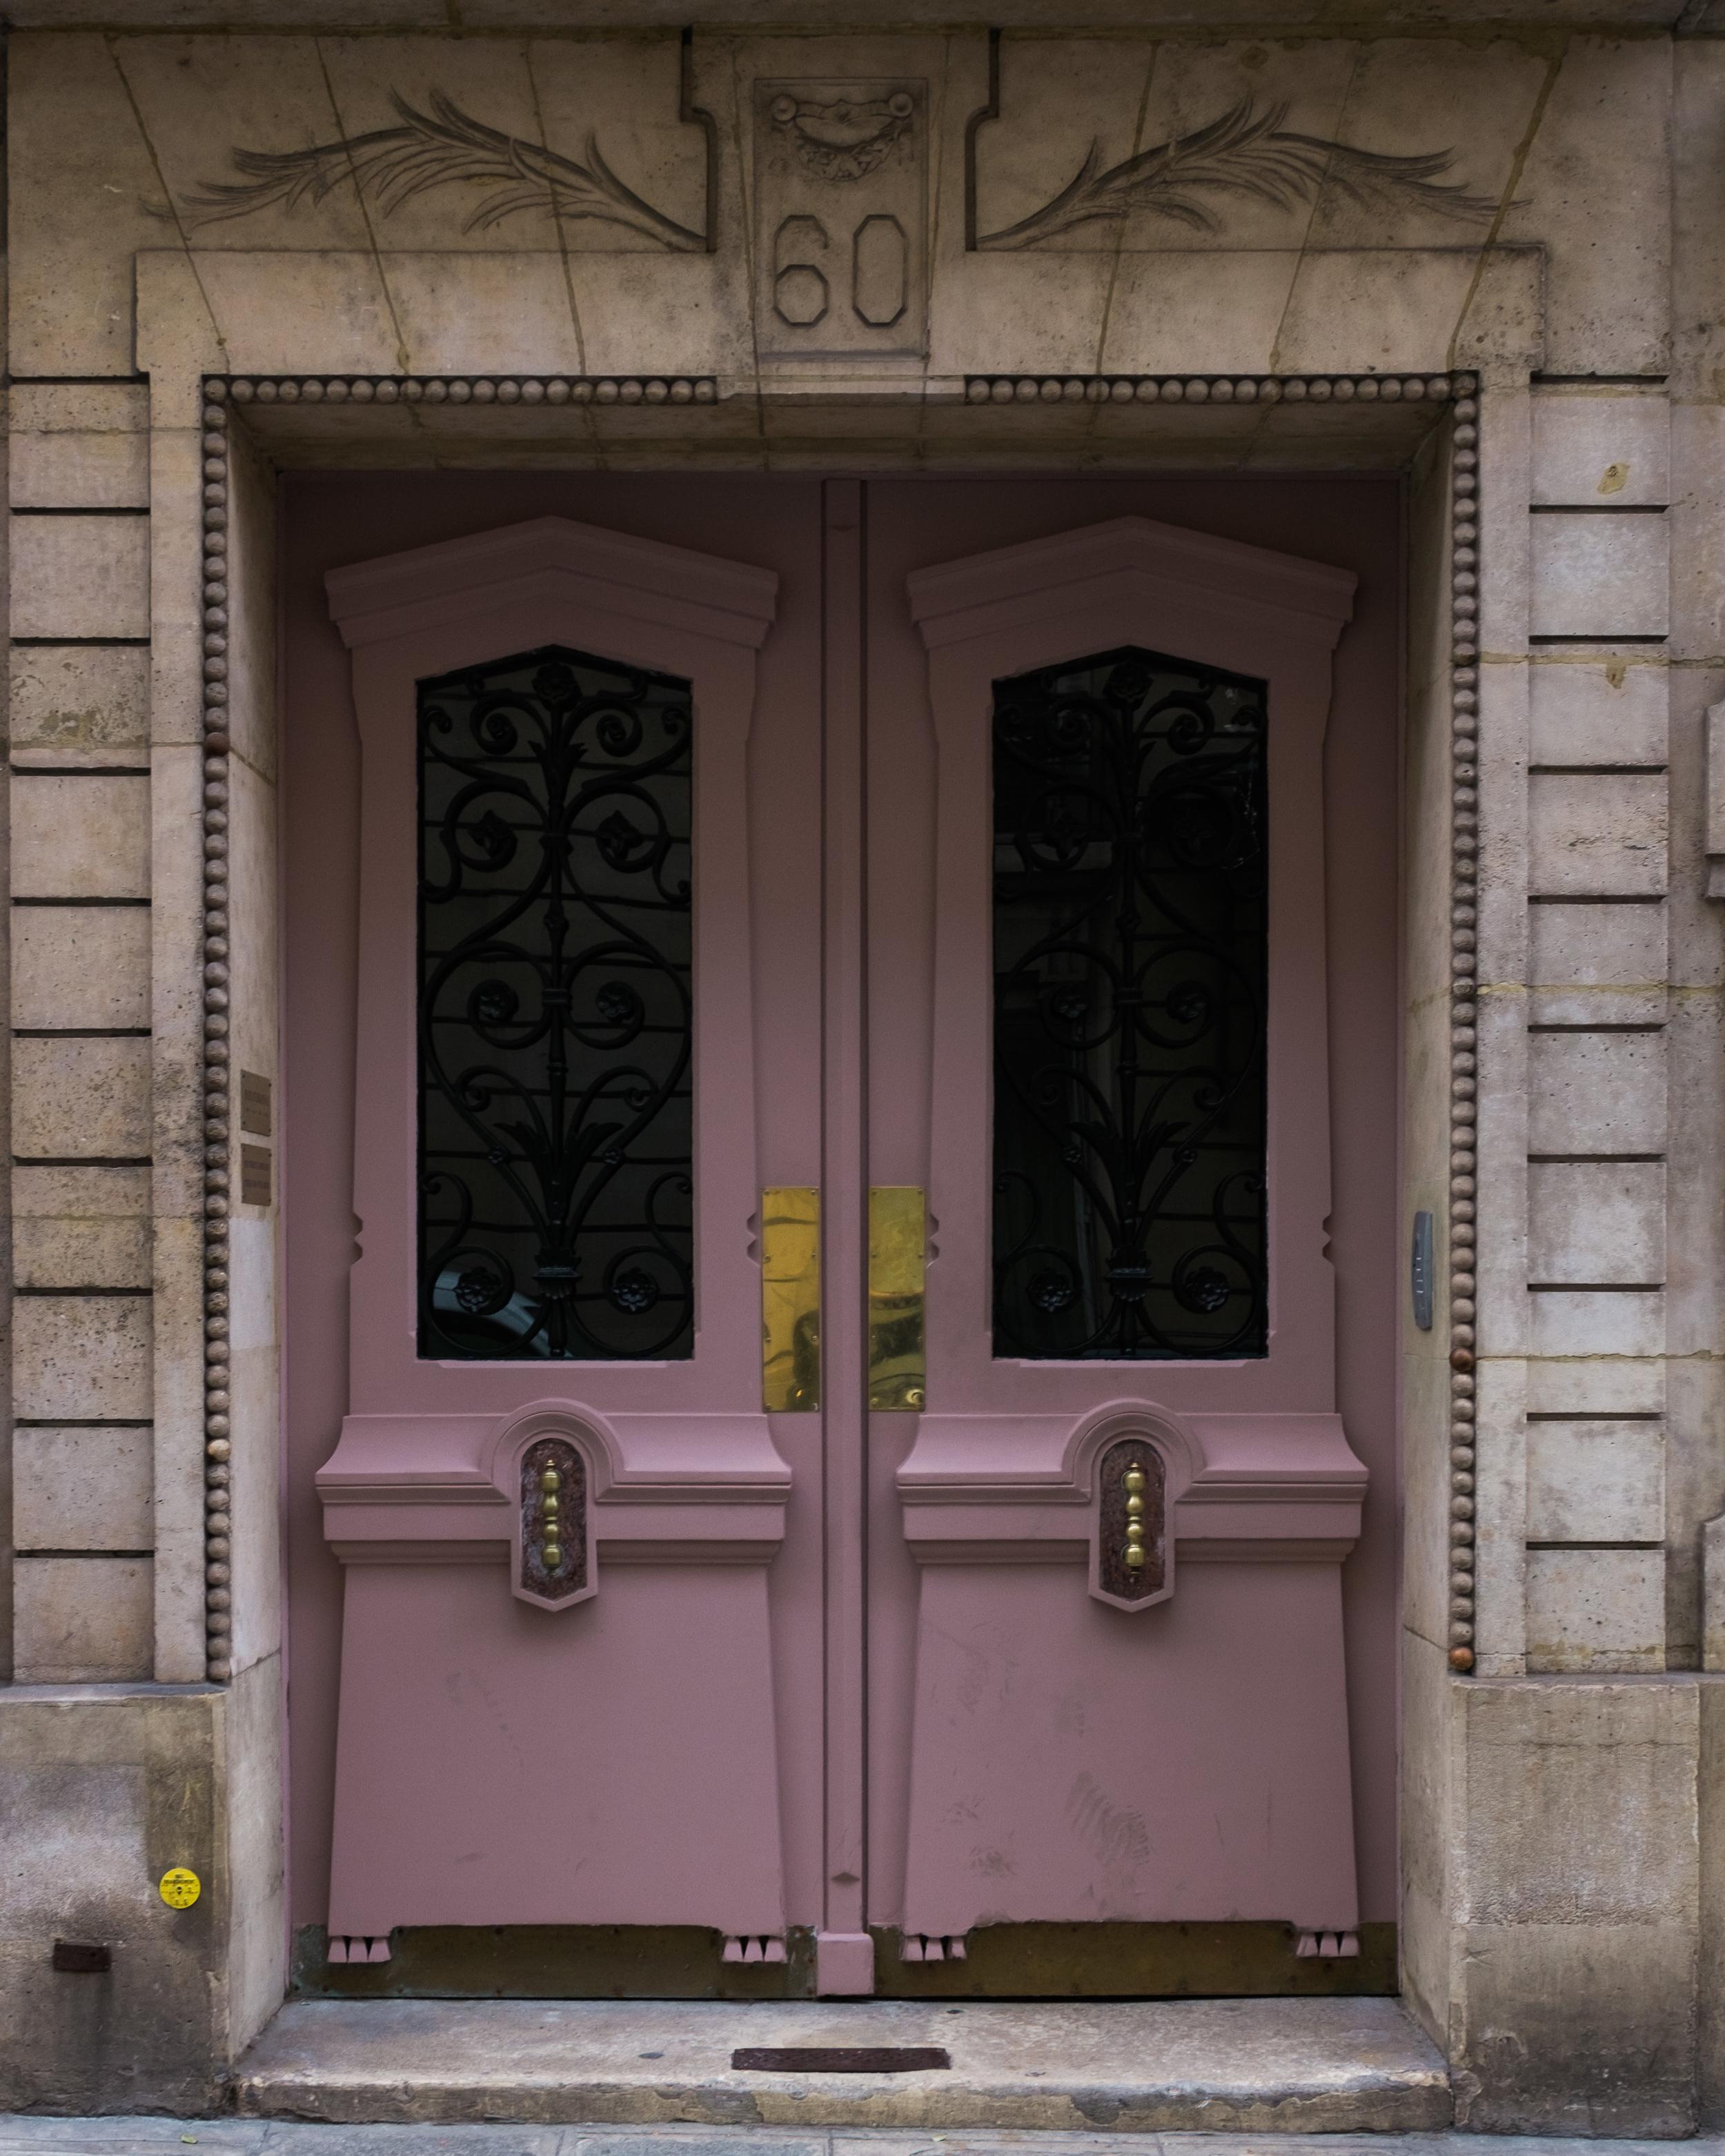 london-britian-cambridge-stmalo-mont-saint-michel-france-normandy-paris-099.jpg